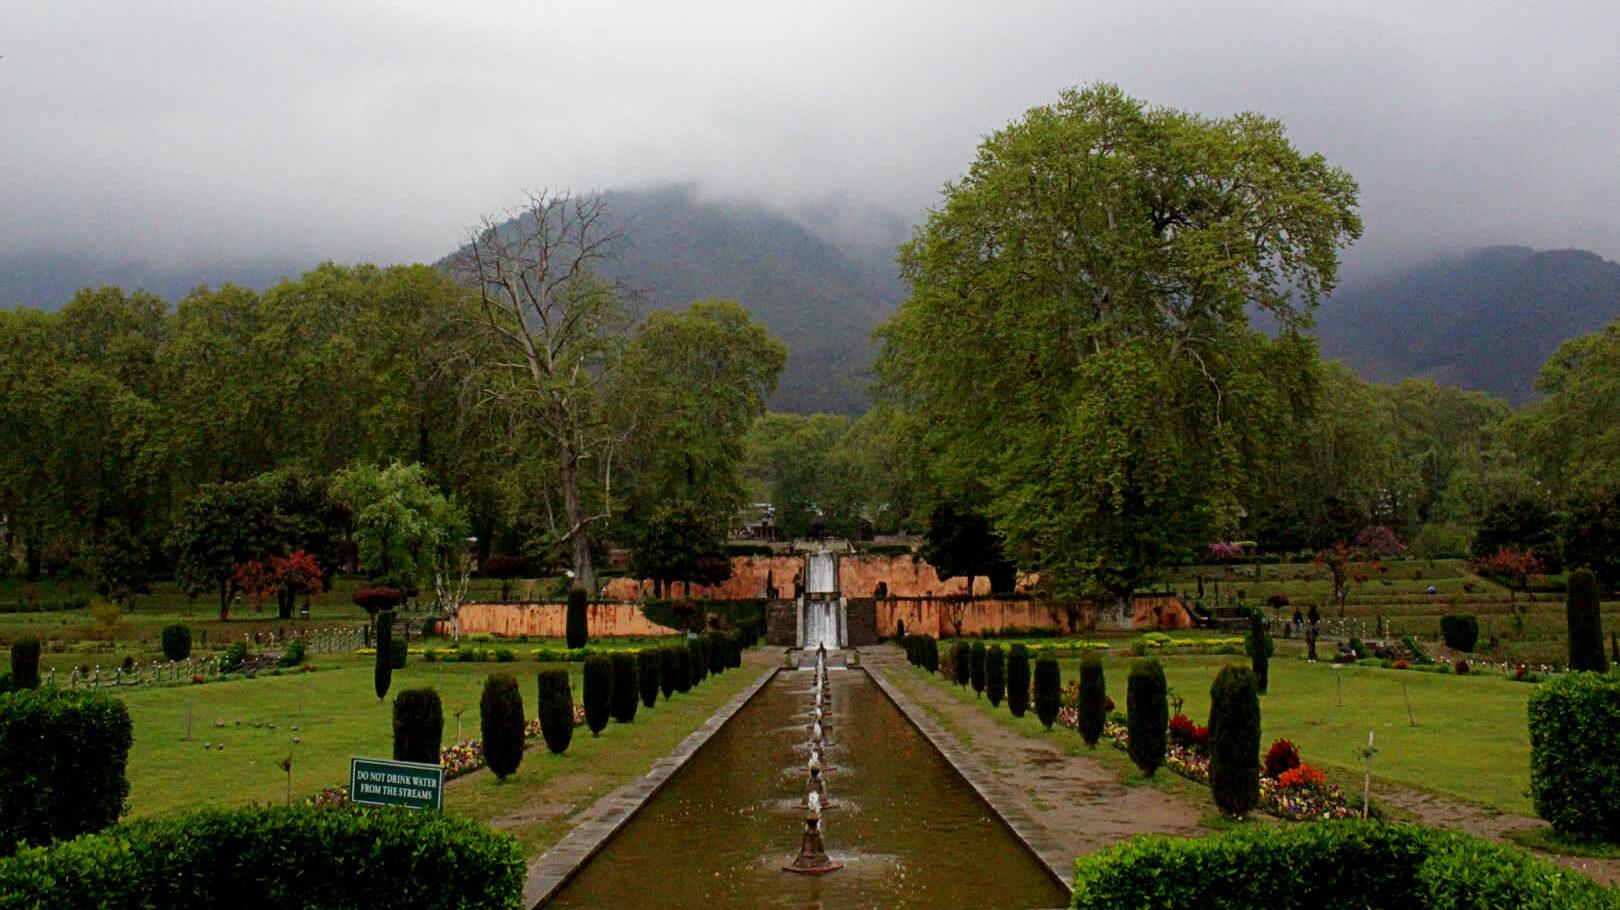 शालीमार गार्डन: मुग़लों के प्रकृति और वास्तुकला प्रेम के गवाह